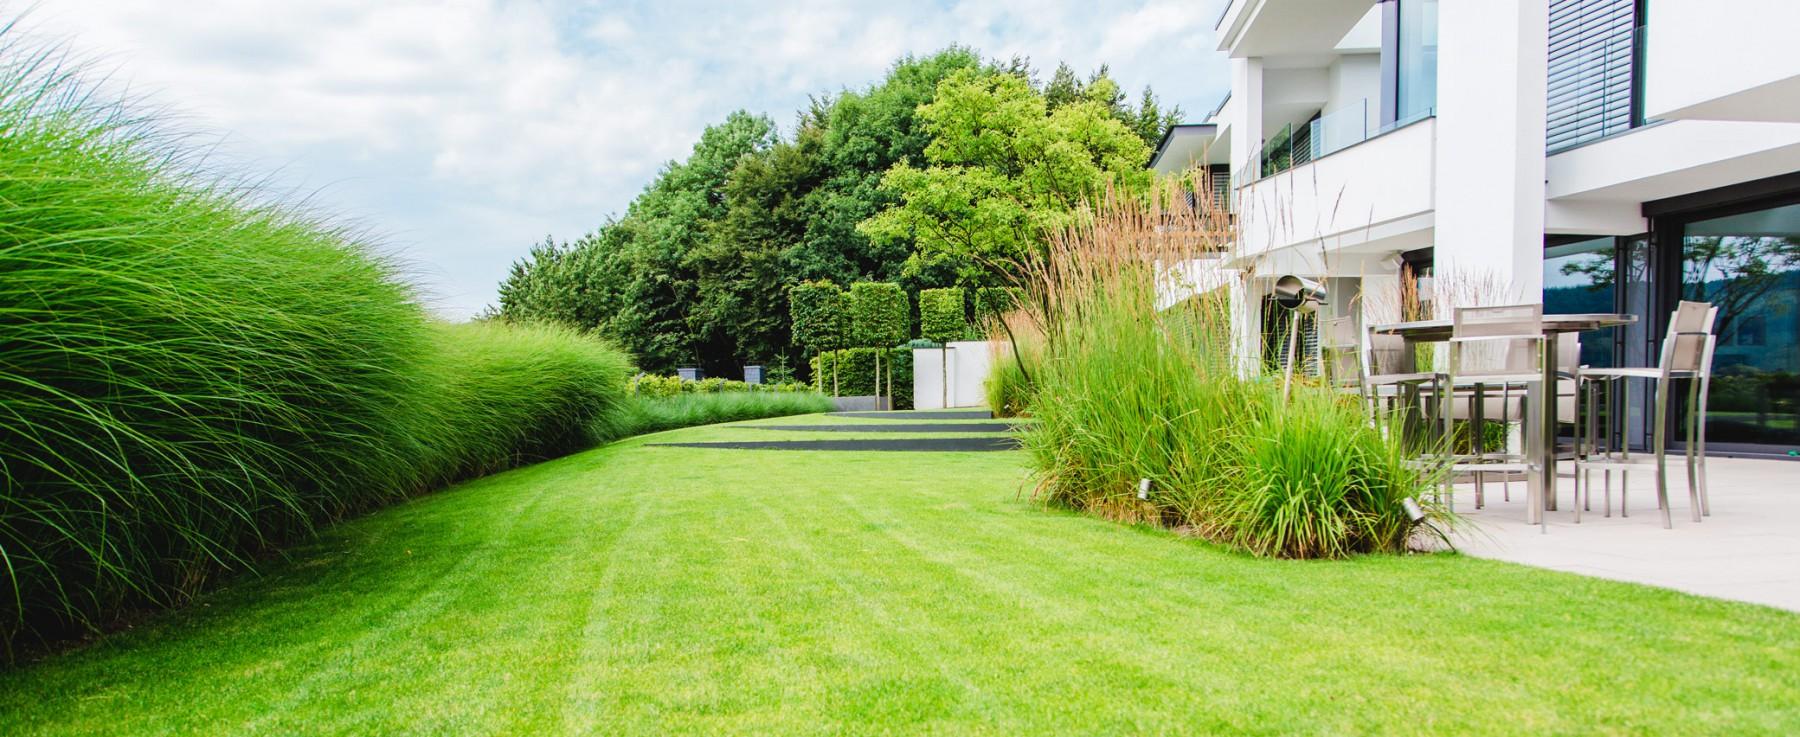 Private Gärten | Gartenlandschaftsbau Schröder